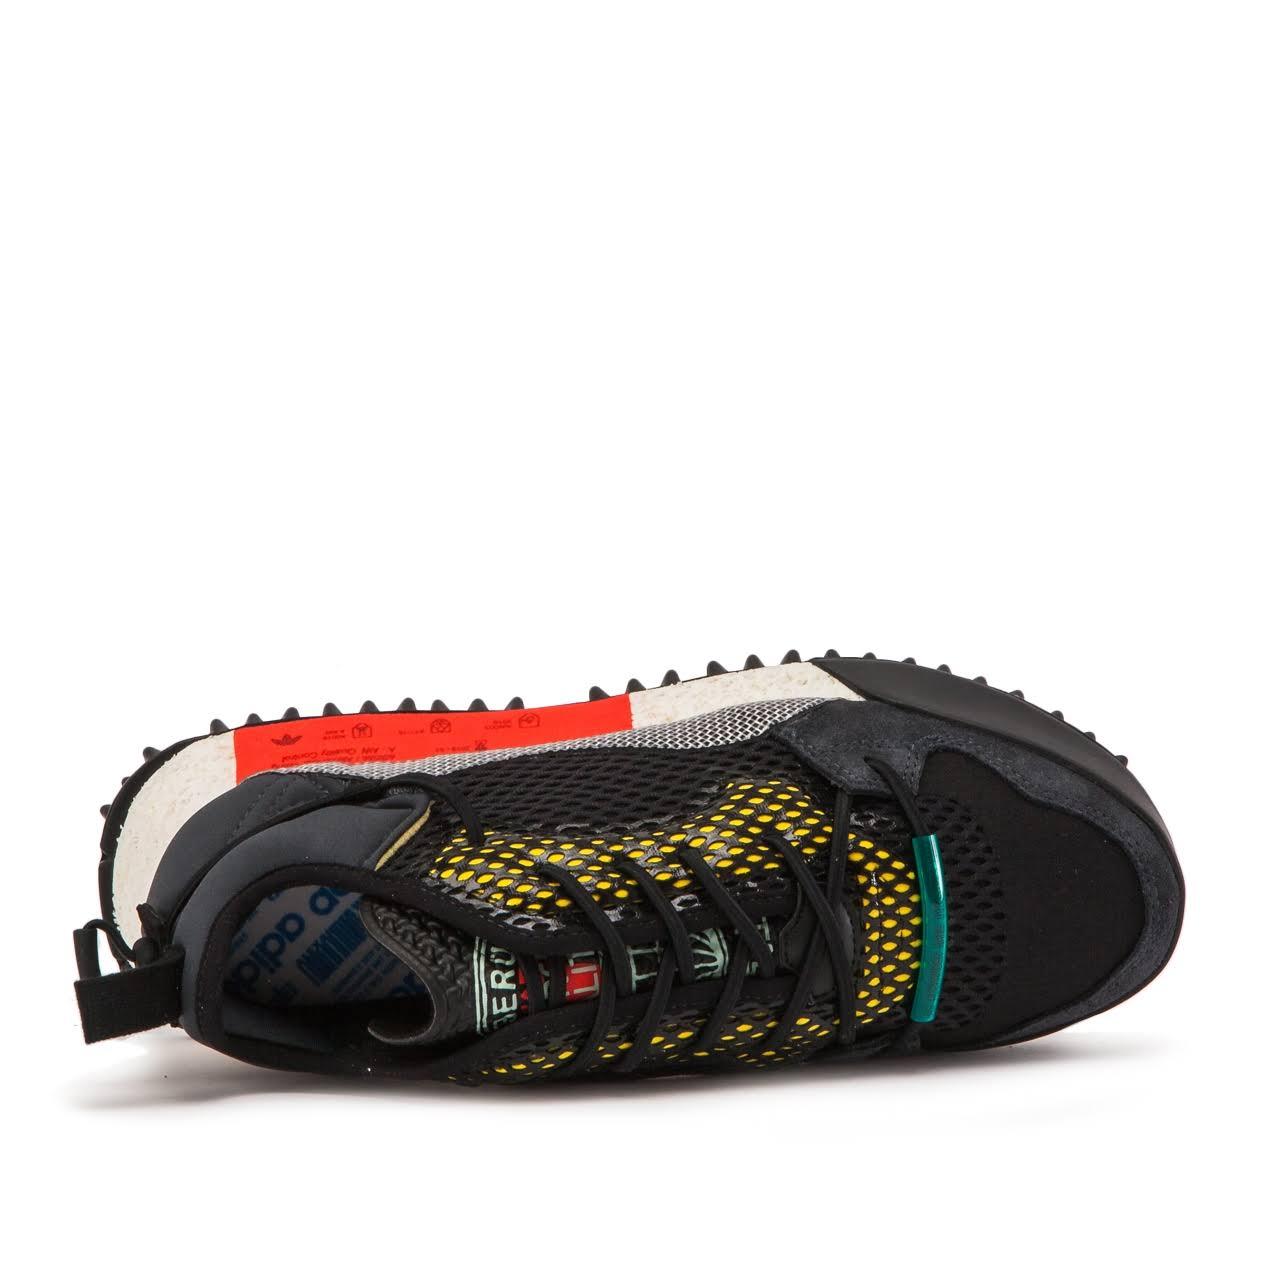 Reissue Gris Run Alexander Adidas Wang núcleo Aw Rojo Negro Oscuro De pwAqpfI